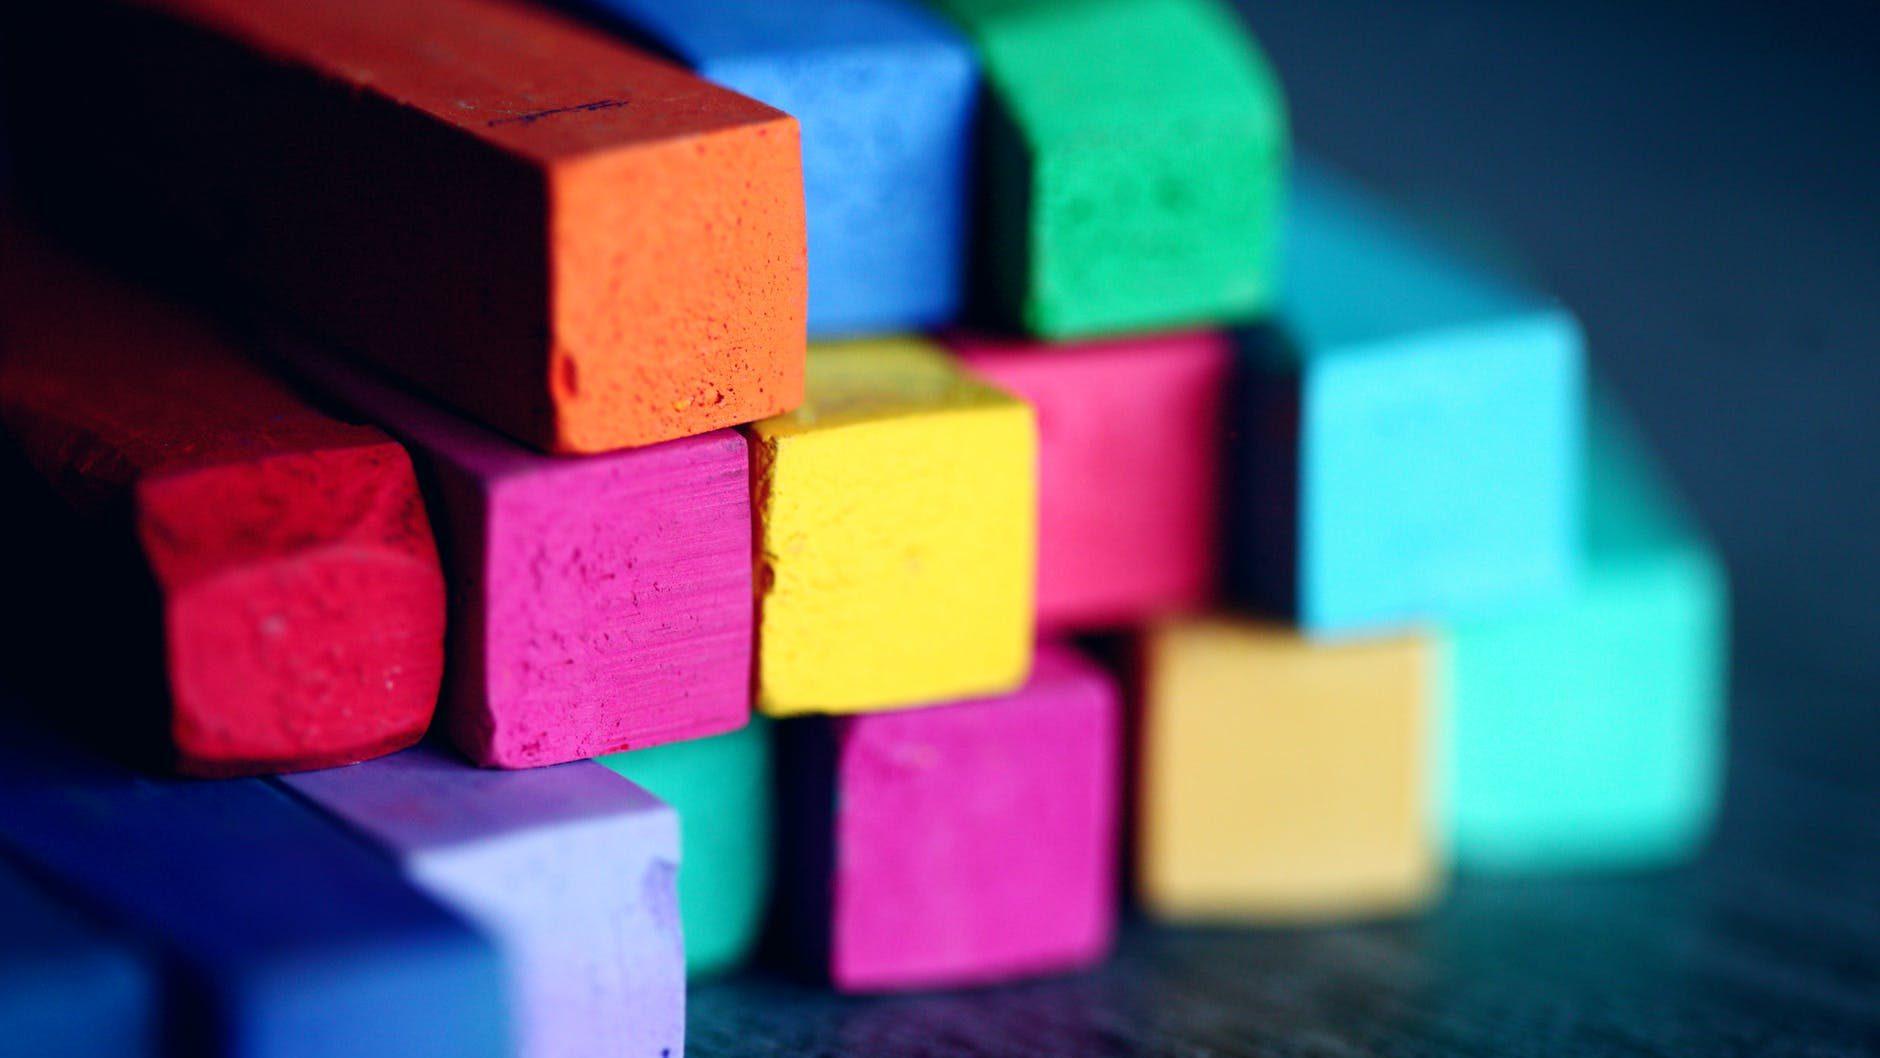 assorted color bricks